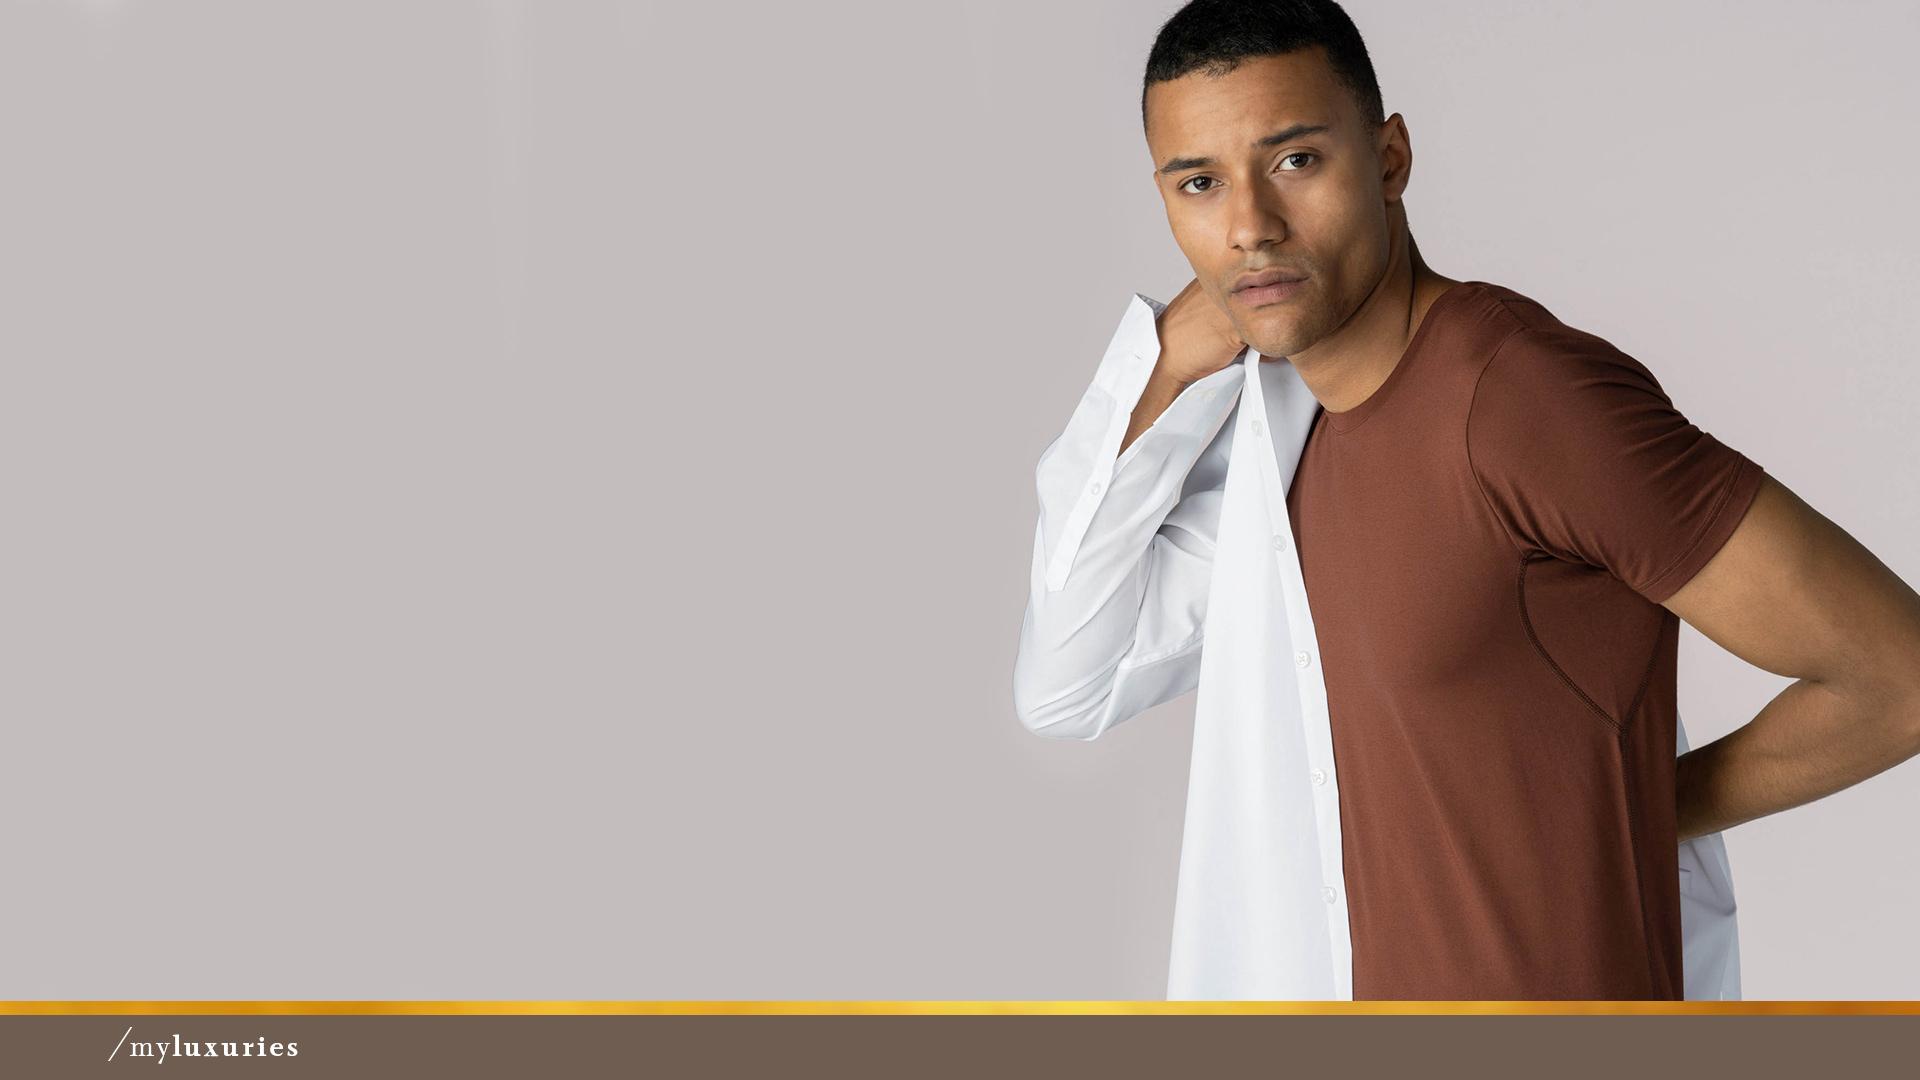 Mann trägt ein halb ausgezogenes, weißes Hemd sowie das Crew-Neck Shirt in der Farbe Medium Skin aus der Serie Business Class von mey®